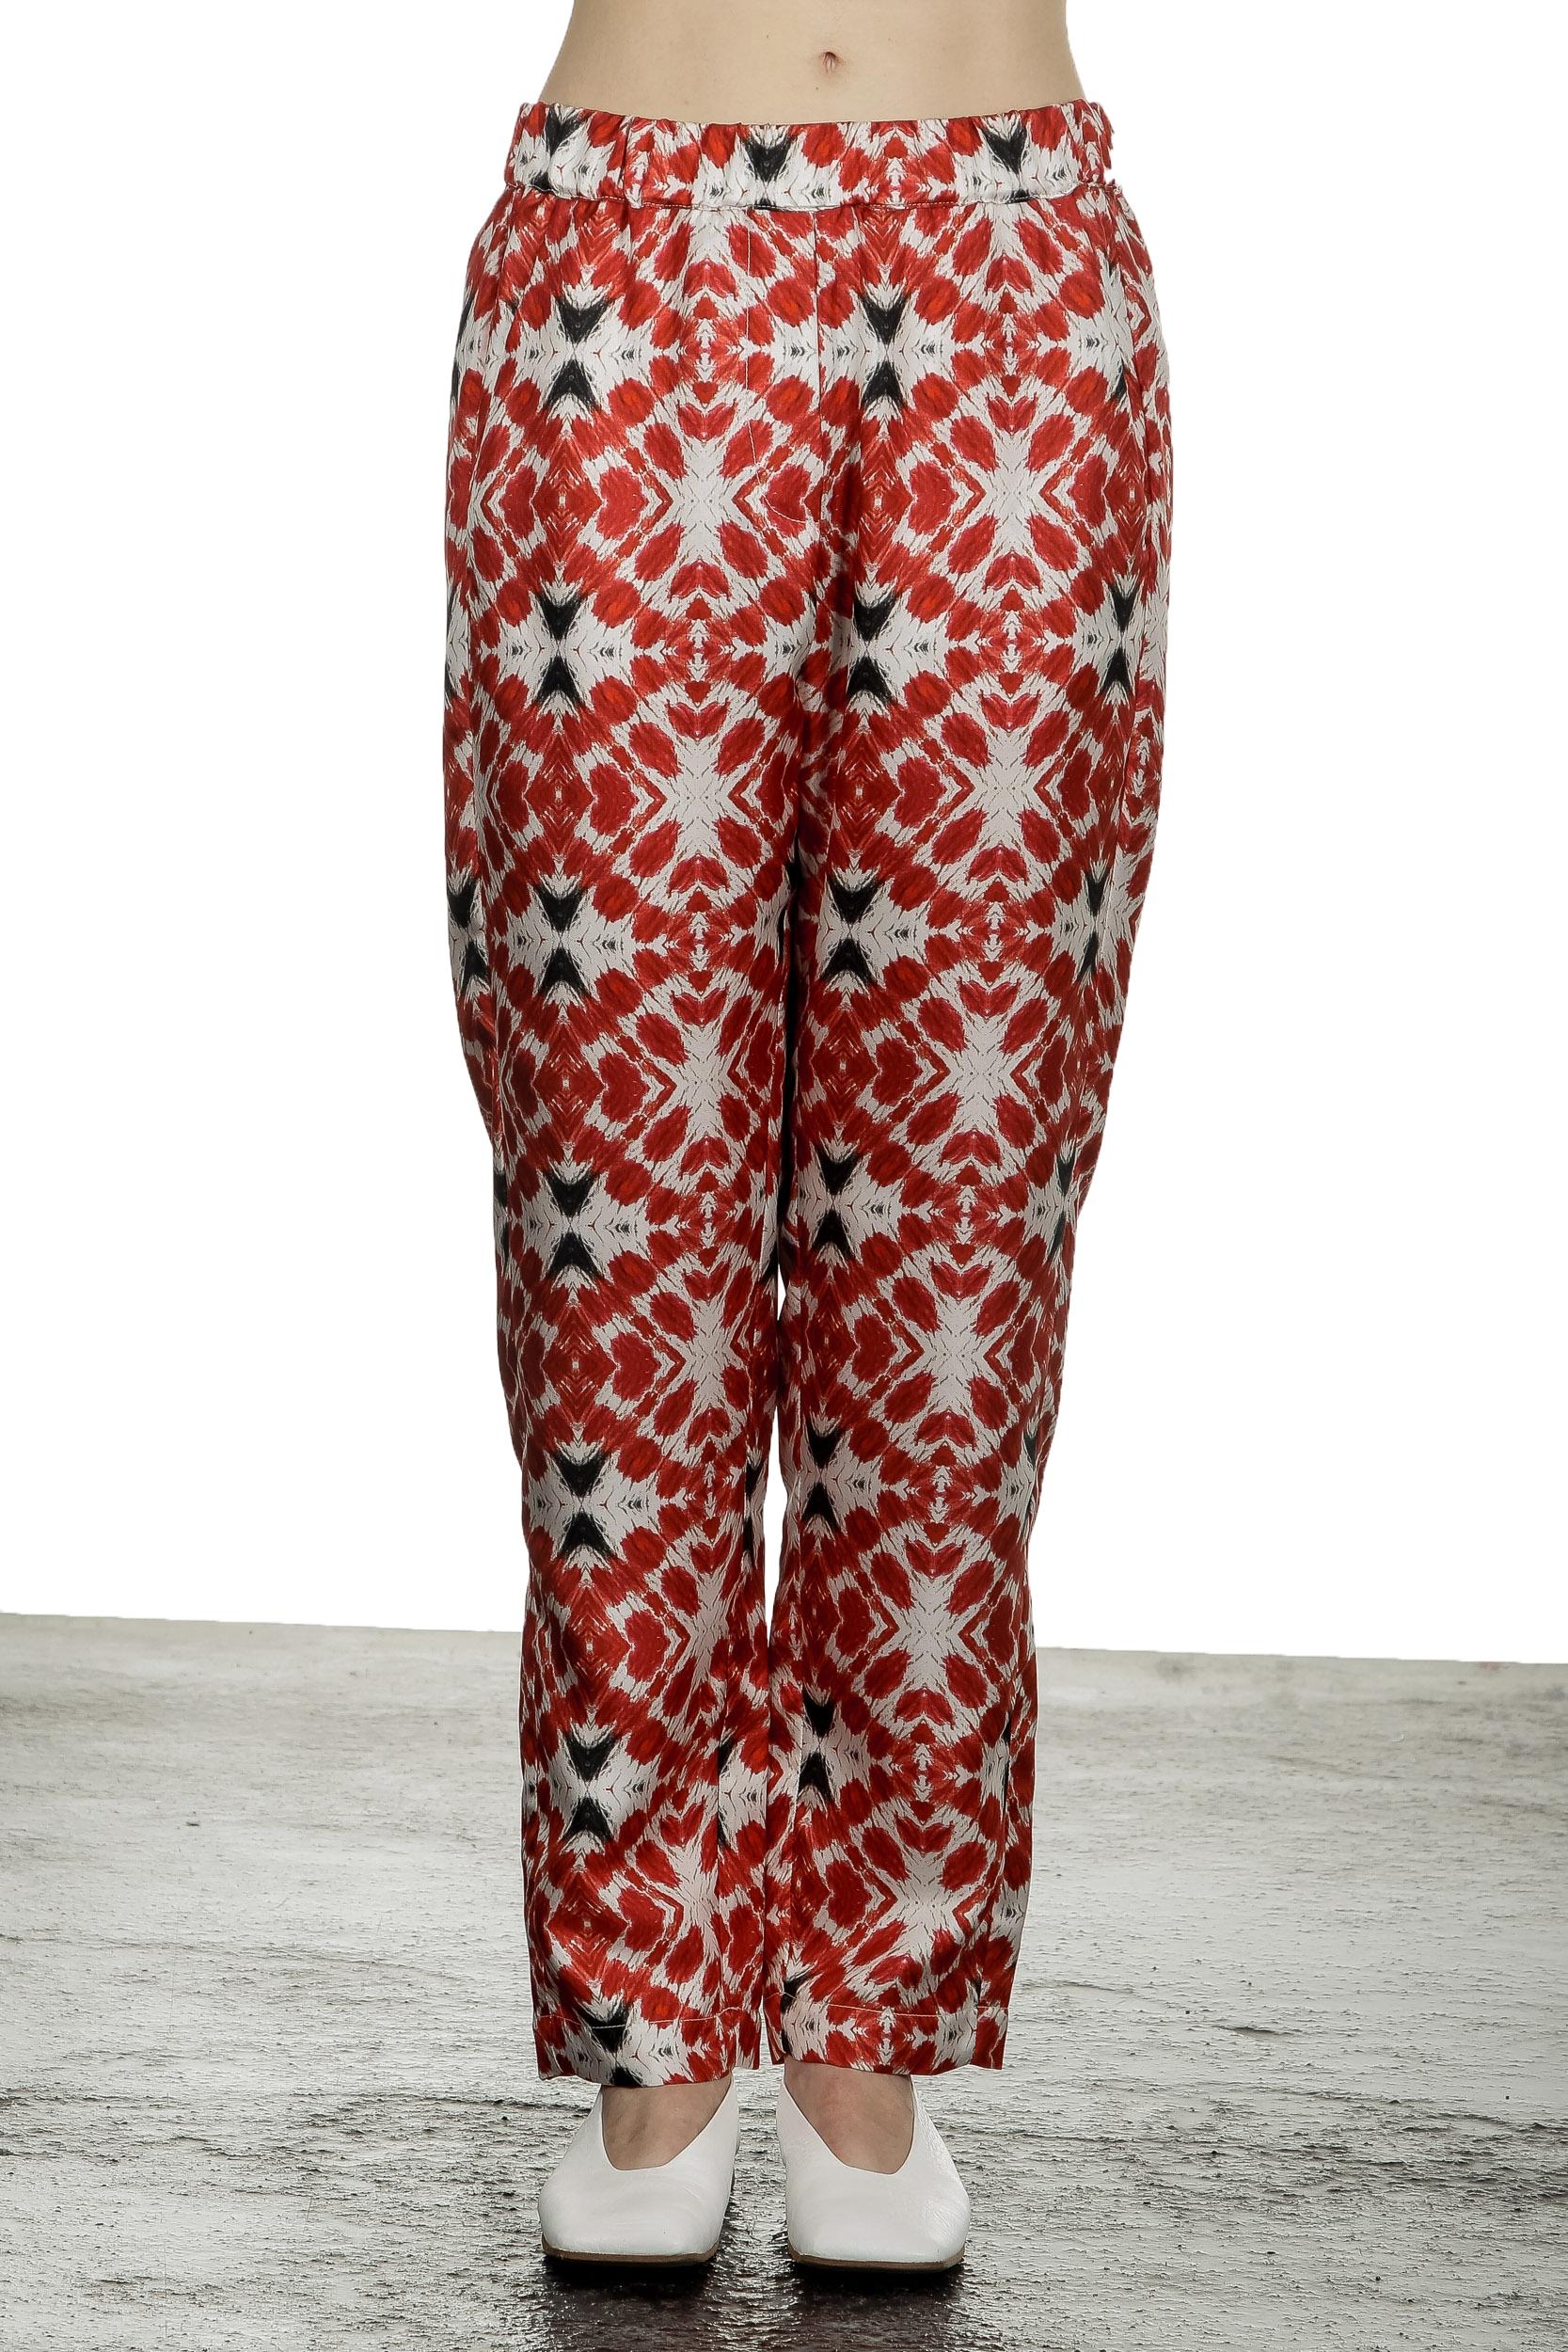 Hosen - 813 Ottotredici Damen Hosenrock mit Print aus Seide mehrfarbig  - Onlineshop Luxury Loft